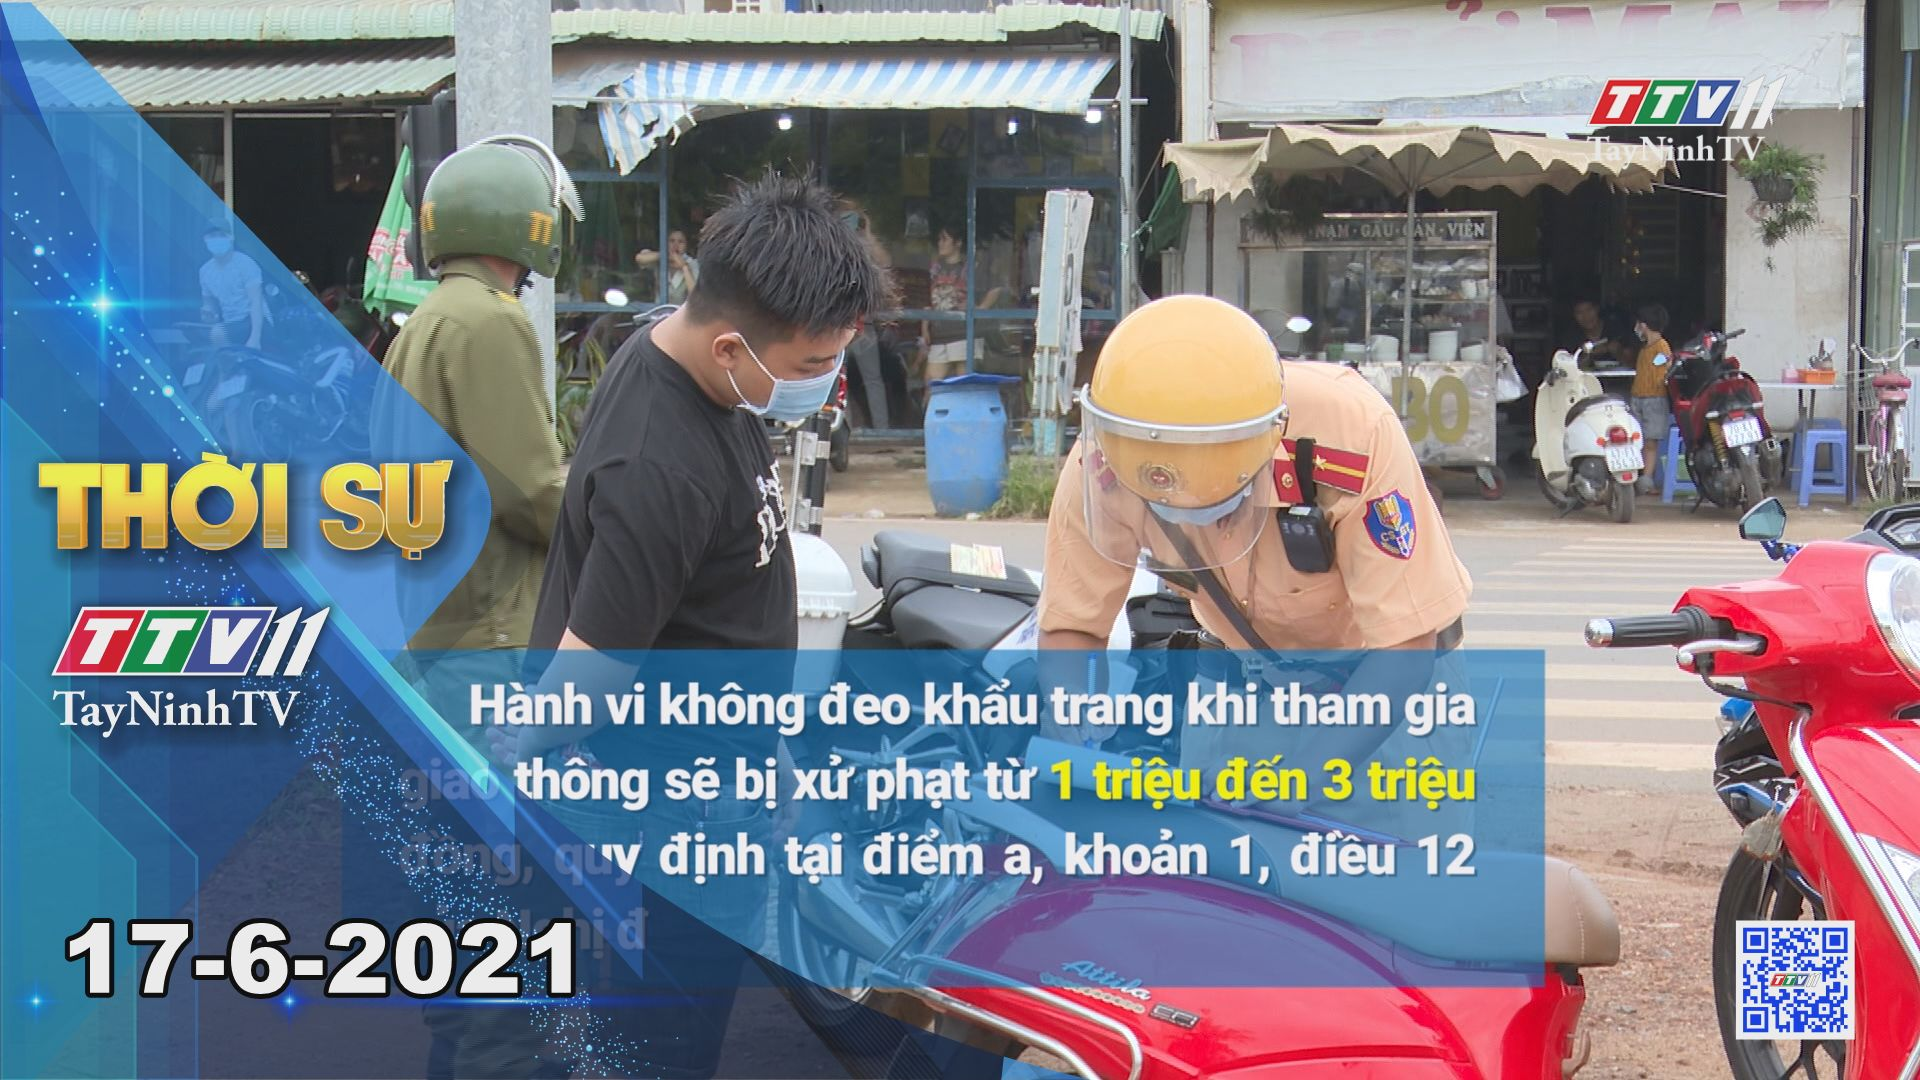 Thời sự Tây Ninh 17-6-2021 | Tin tức hôm nay | TayNinhTV